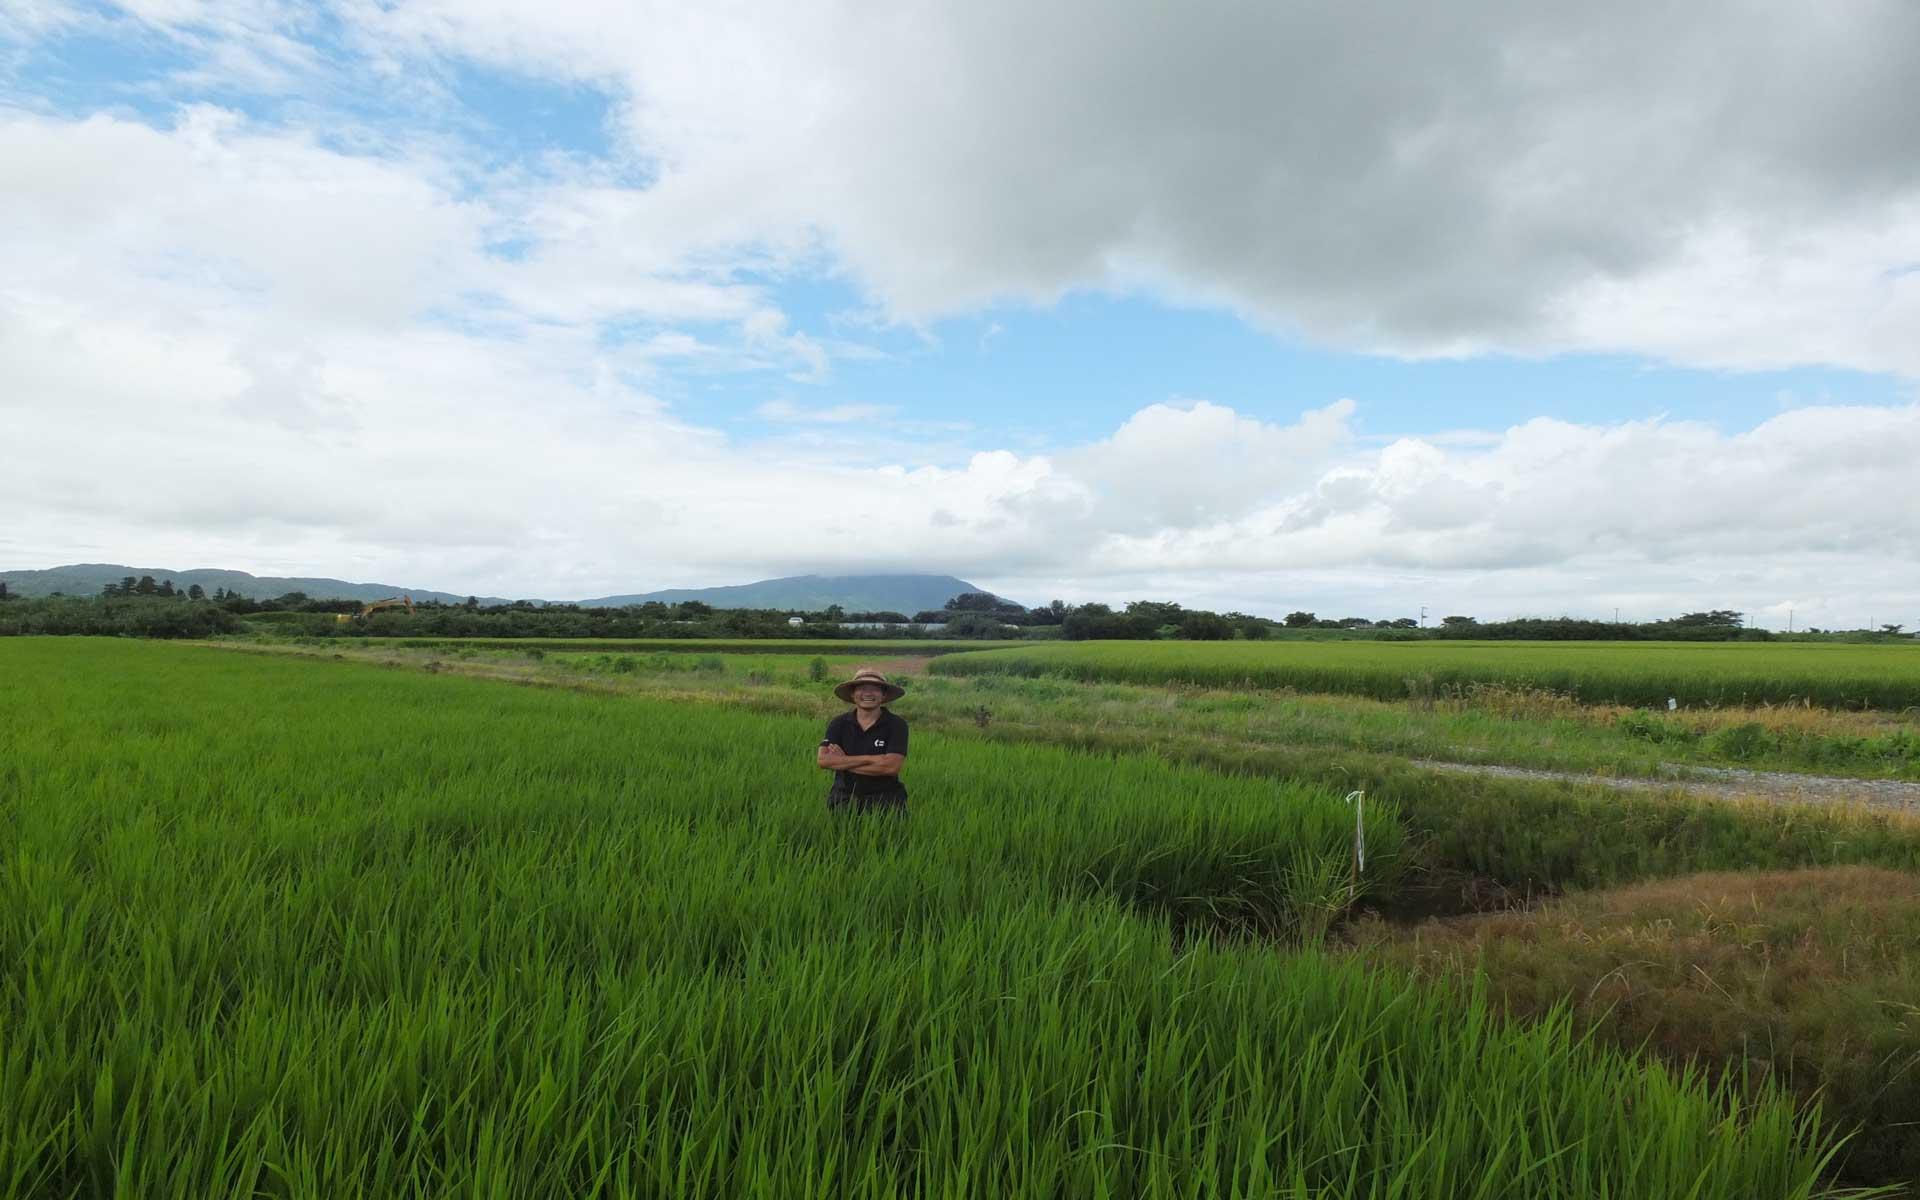 新潟県燕市「ひうら農場」が拓く、800年目の米づくりとまちづくり